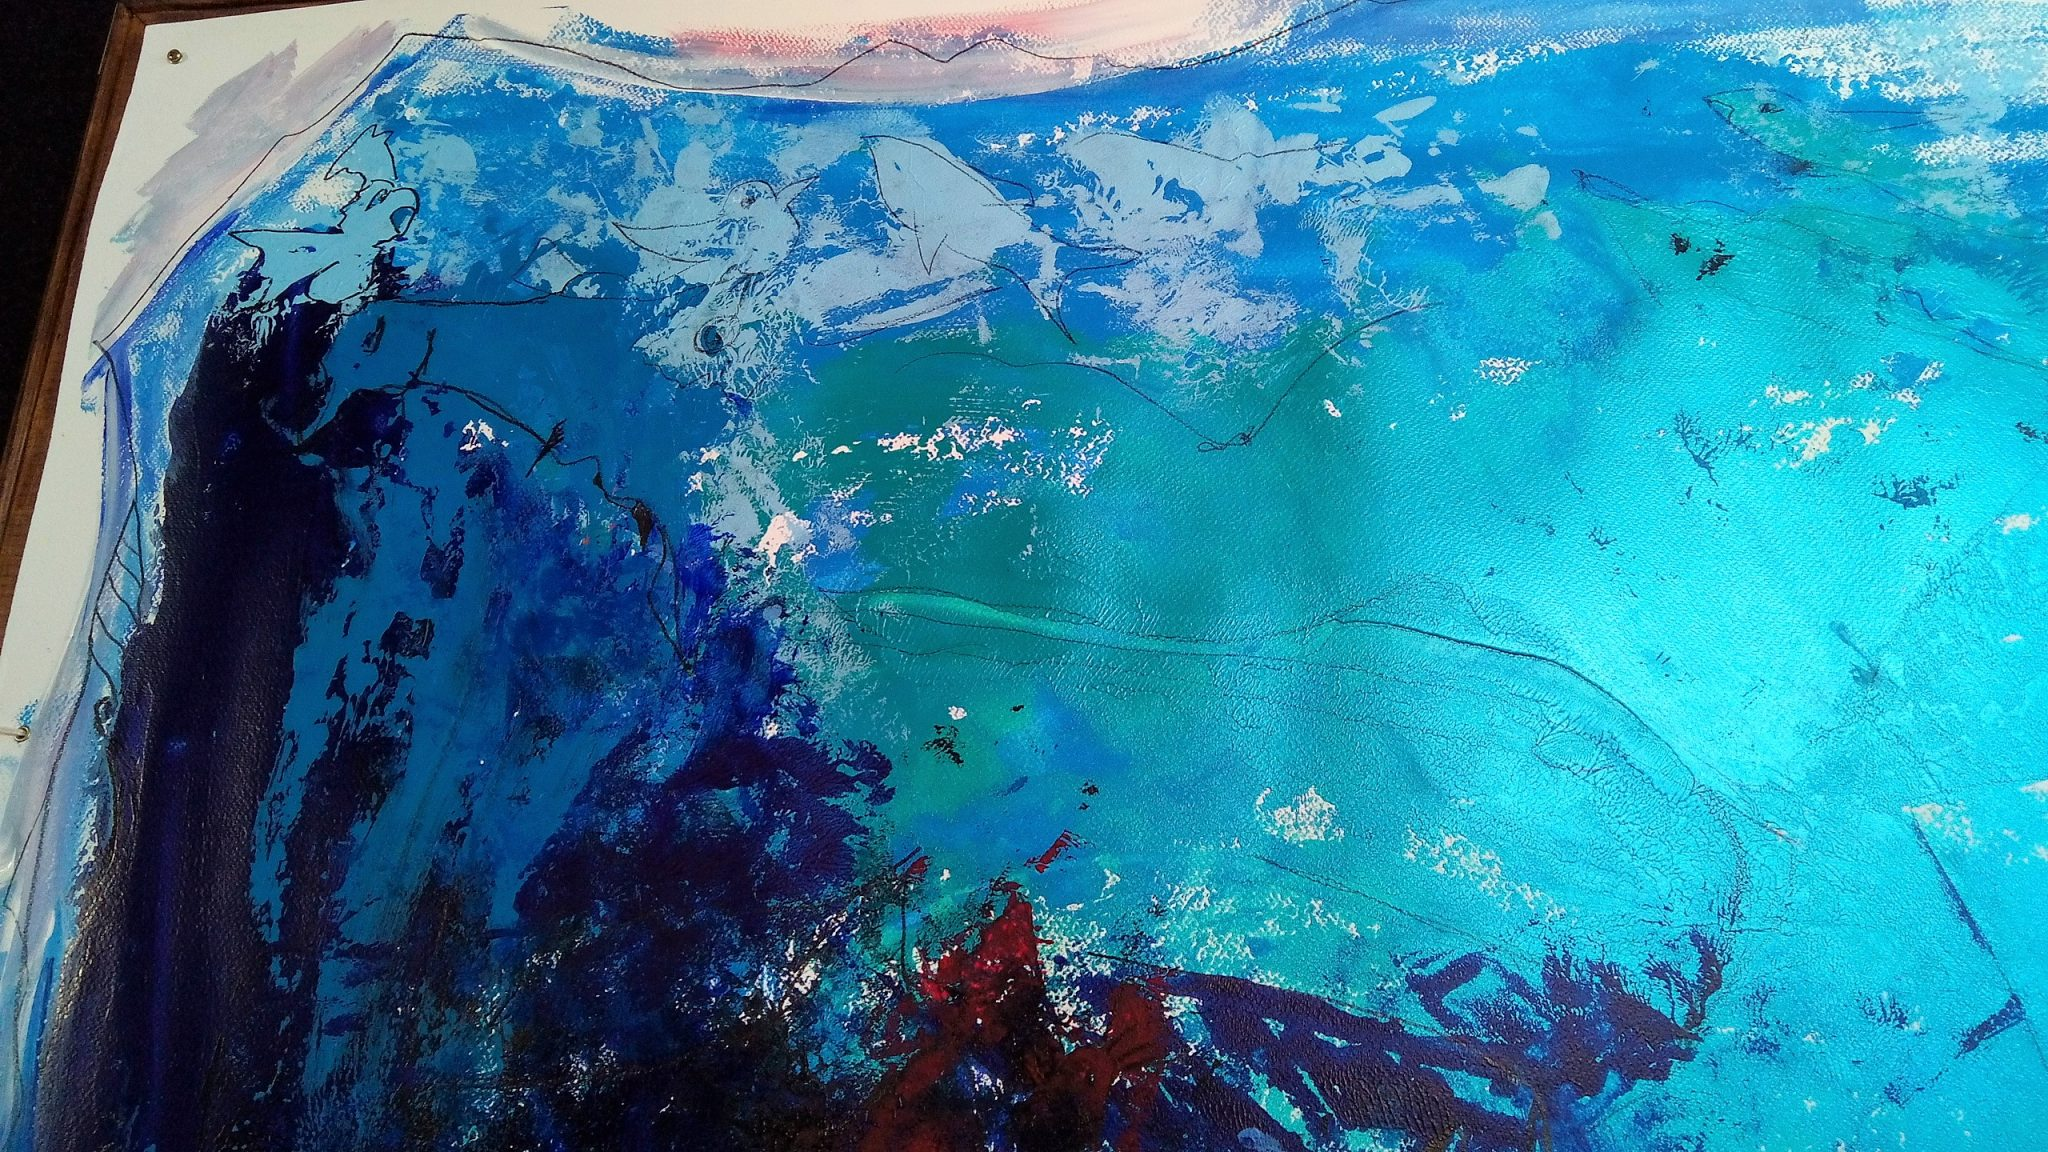 Kim Okura SEAWOORLD 1.55 x 1.55 meter, object painting, cycle Trophaeen